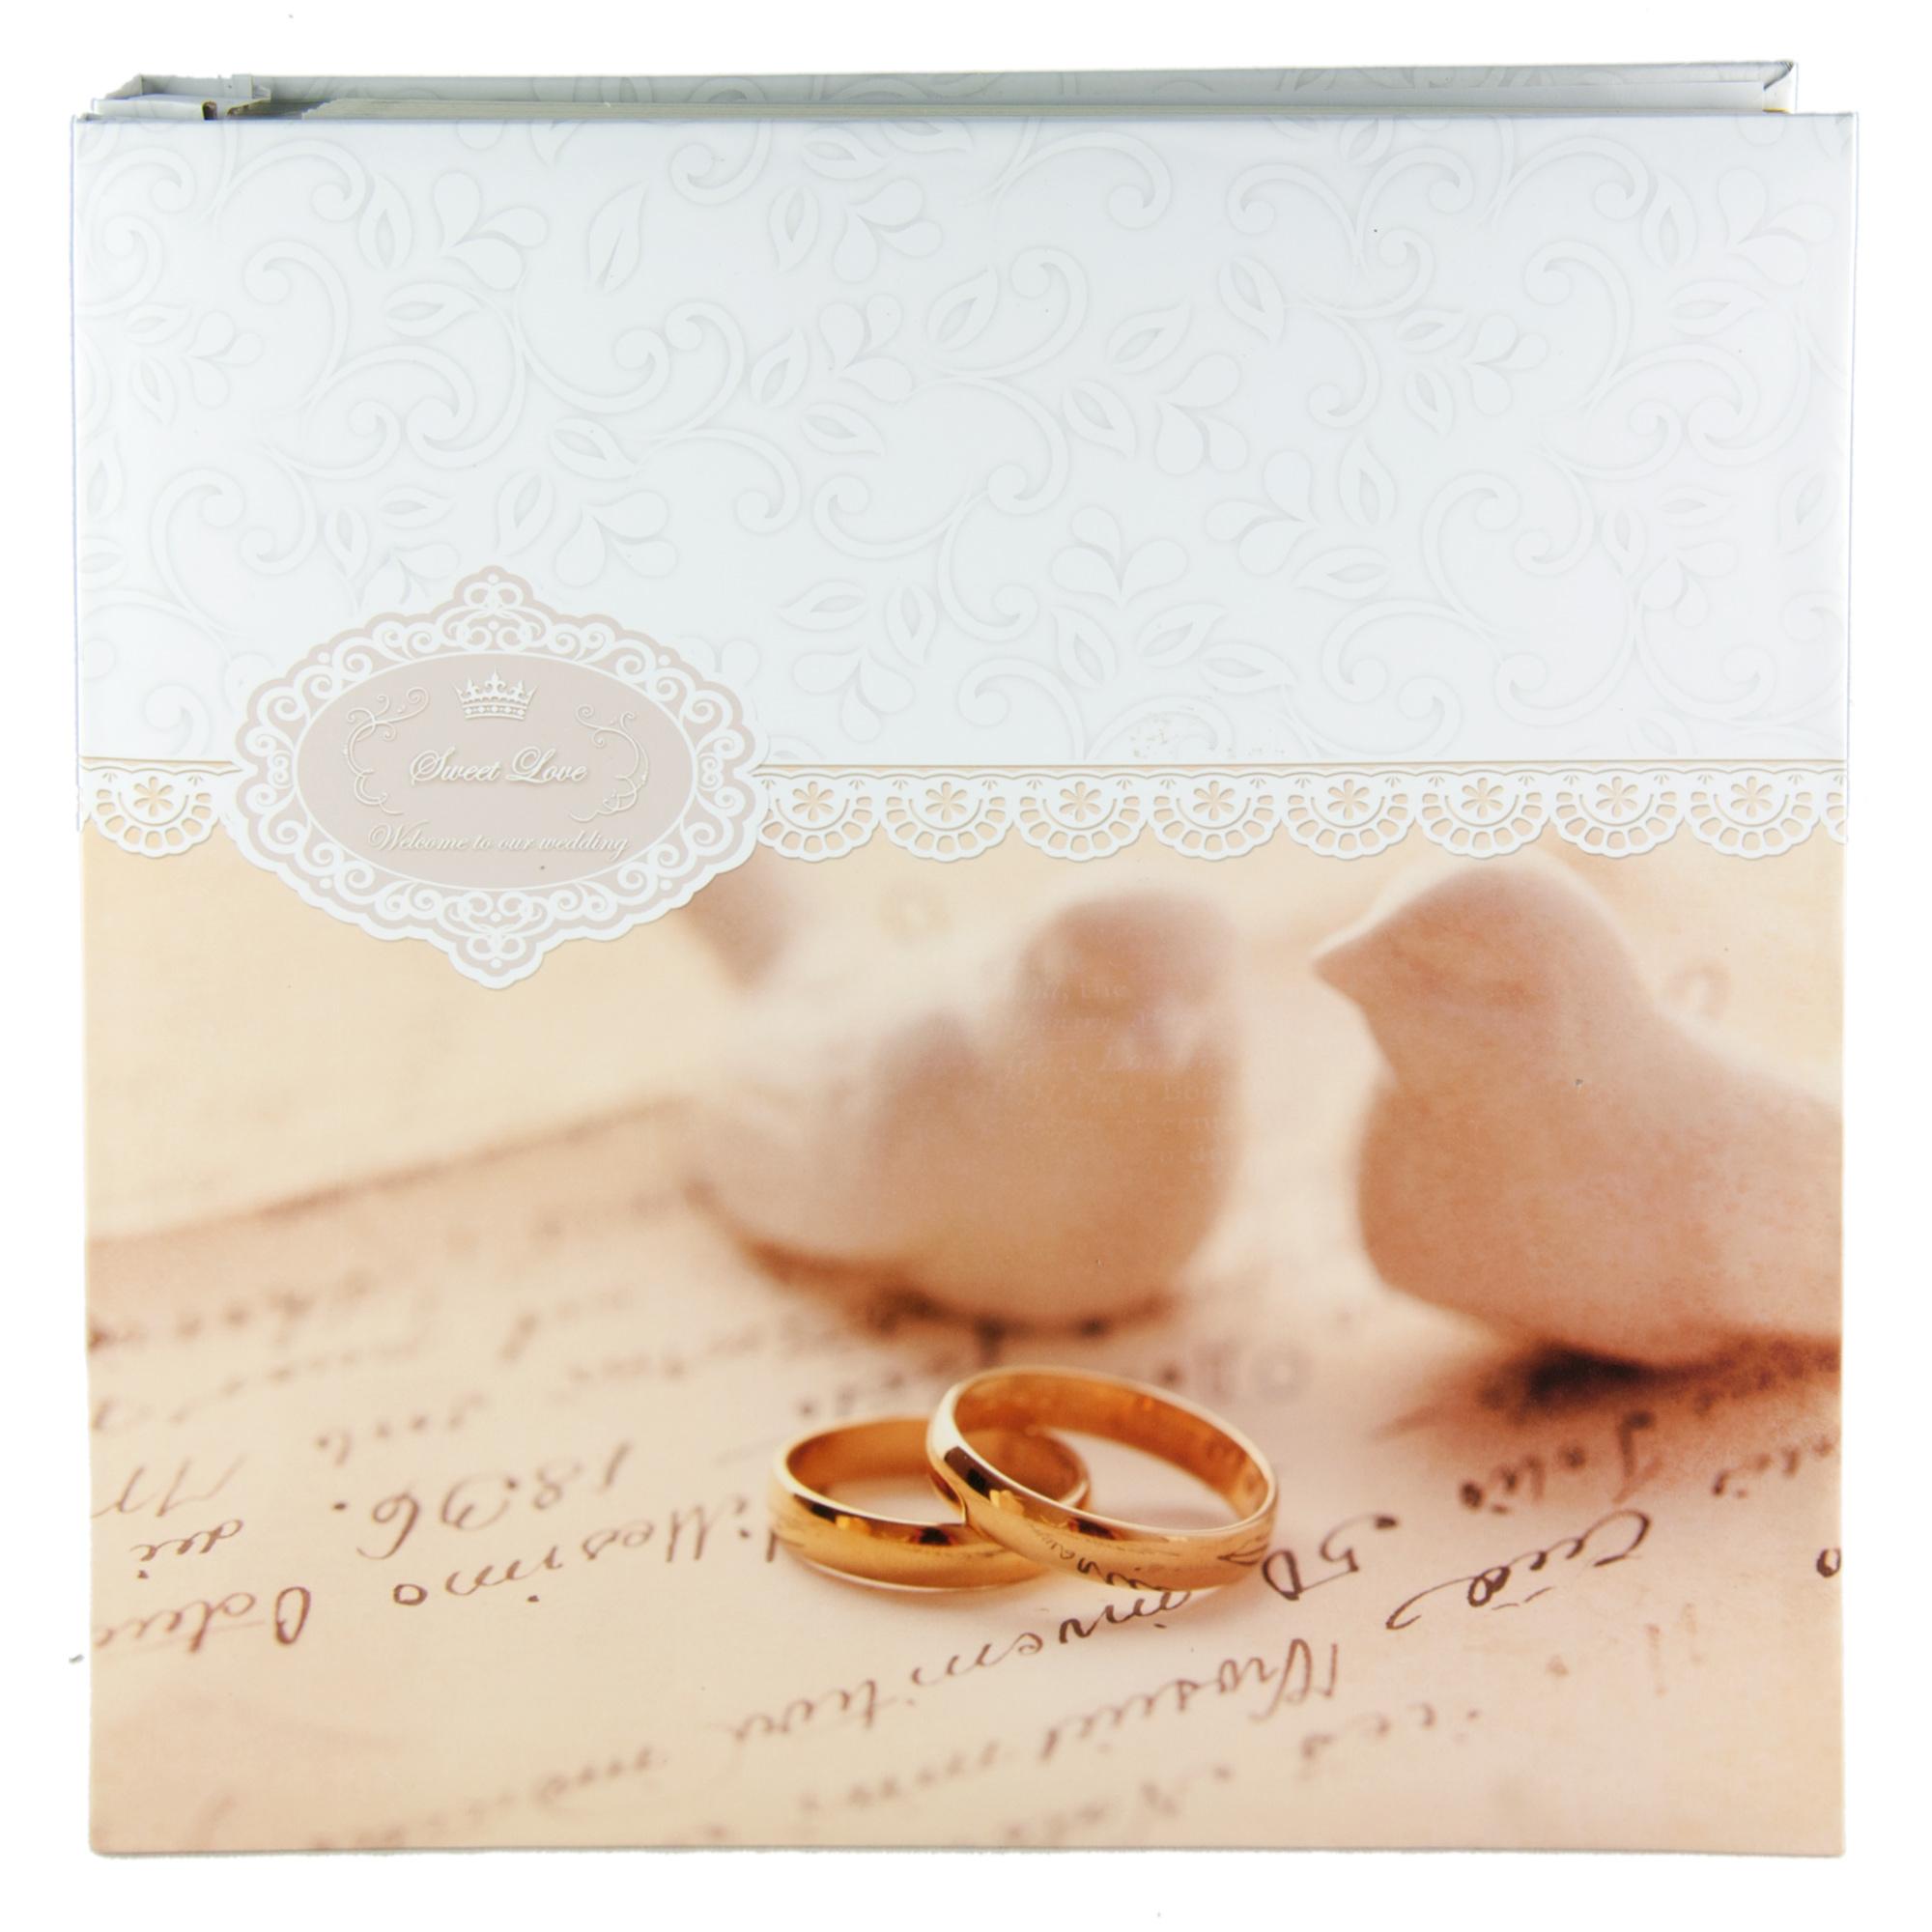 Фотоальбом Platinum Свадебный, магнитный, 30 листов, 20,6 x 28,9 см30 листов 9840-30 Свадебный альбом-4 (3М2425)Фотоальбом на 30 магнитных листов, размер 31,5 x 32,5 см (пластиковые листы).